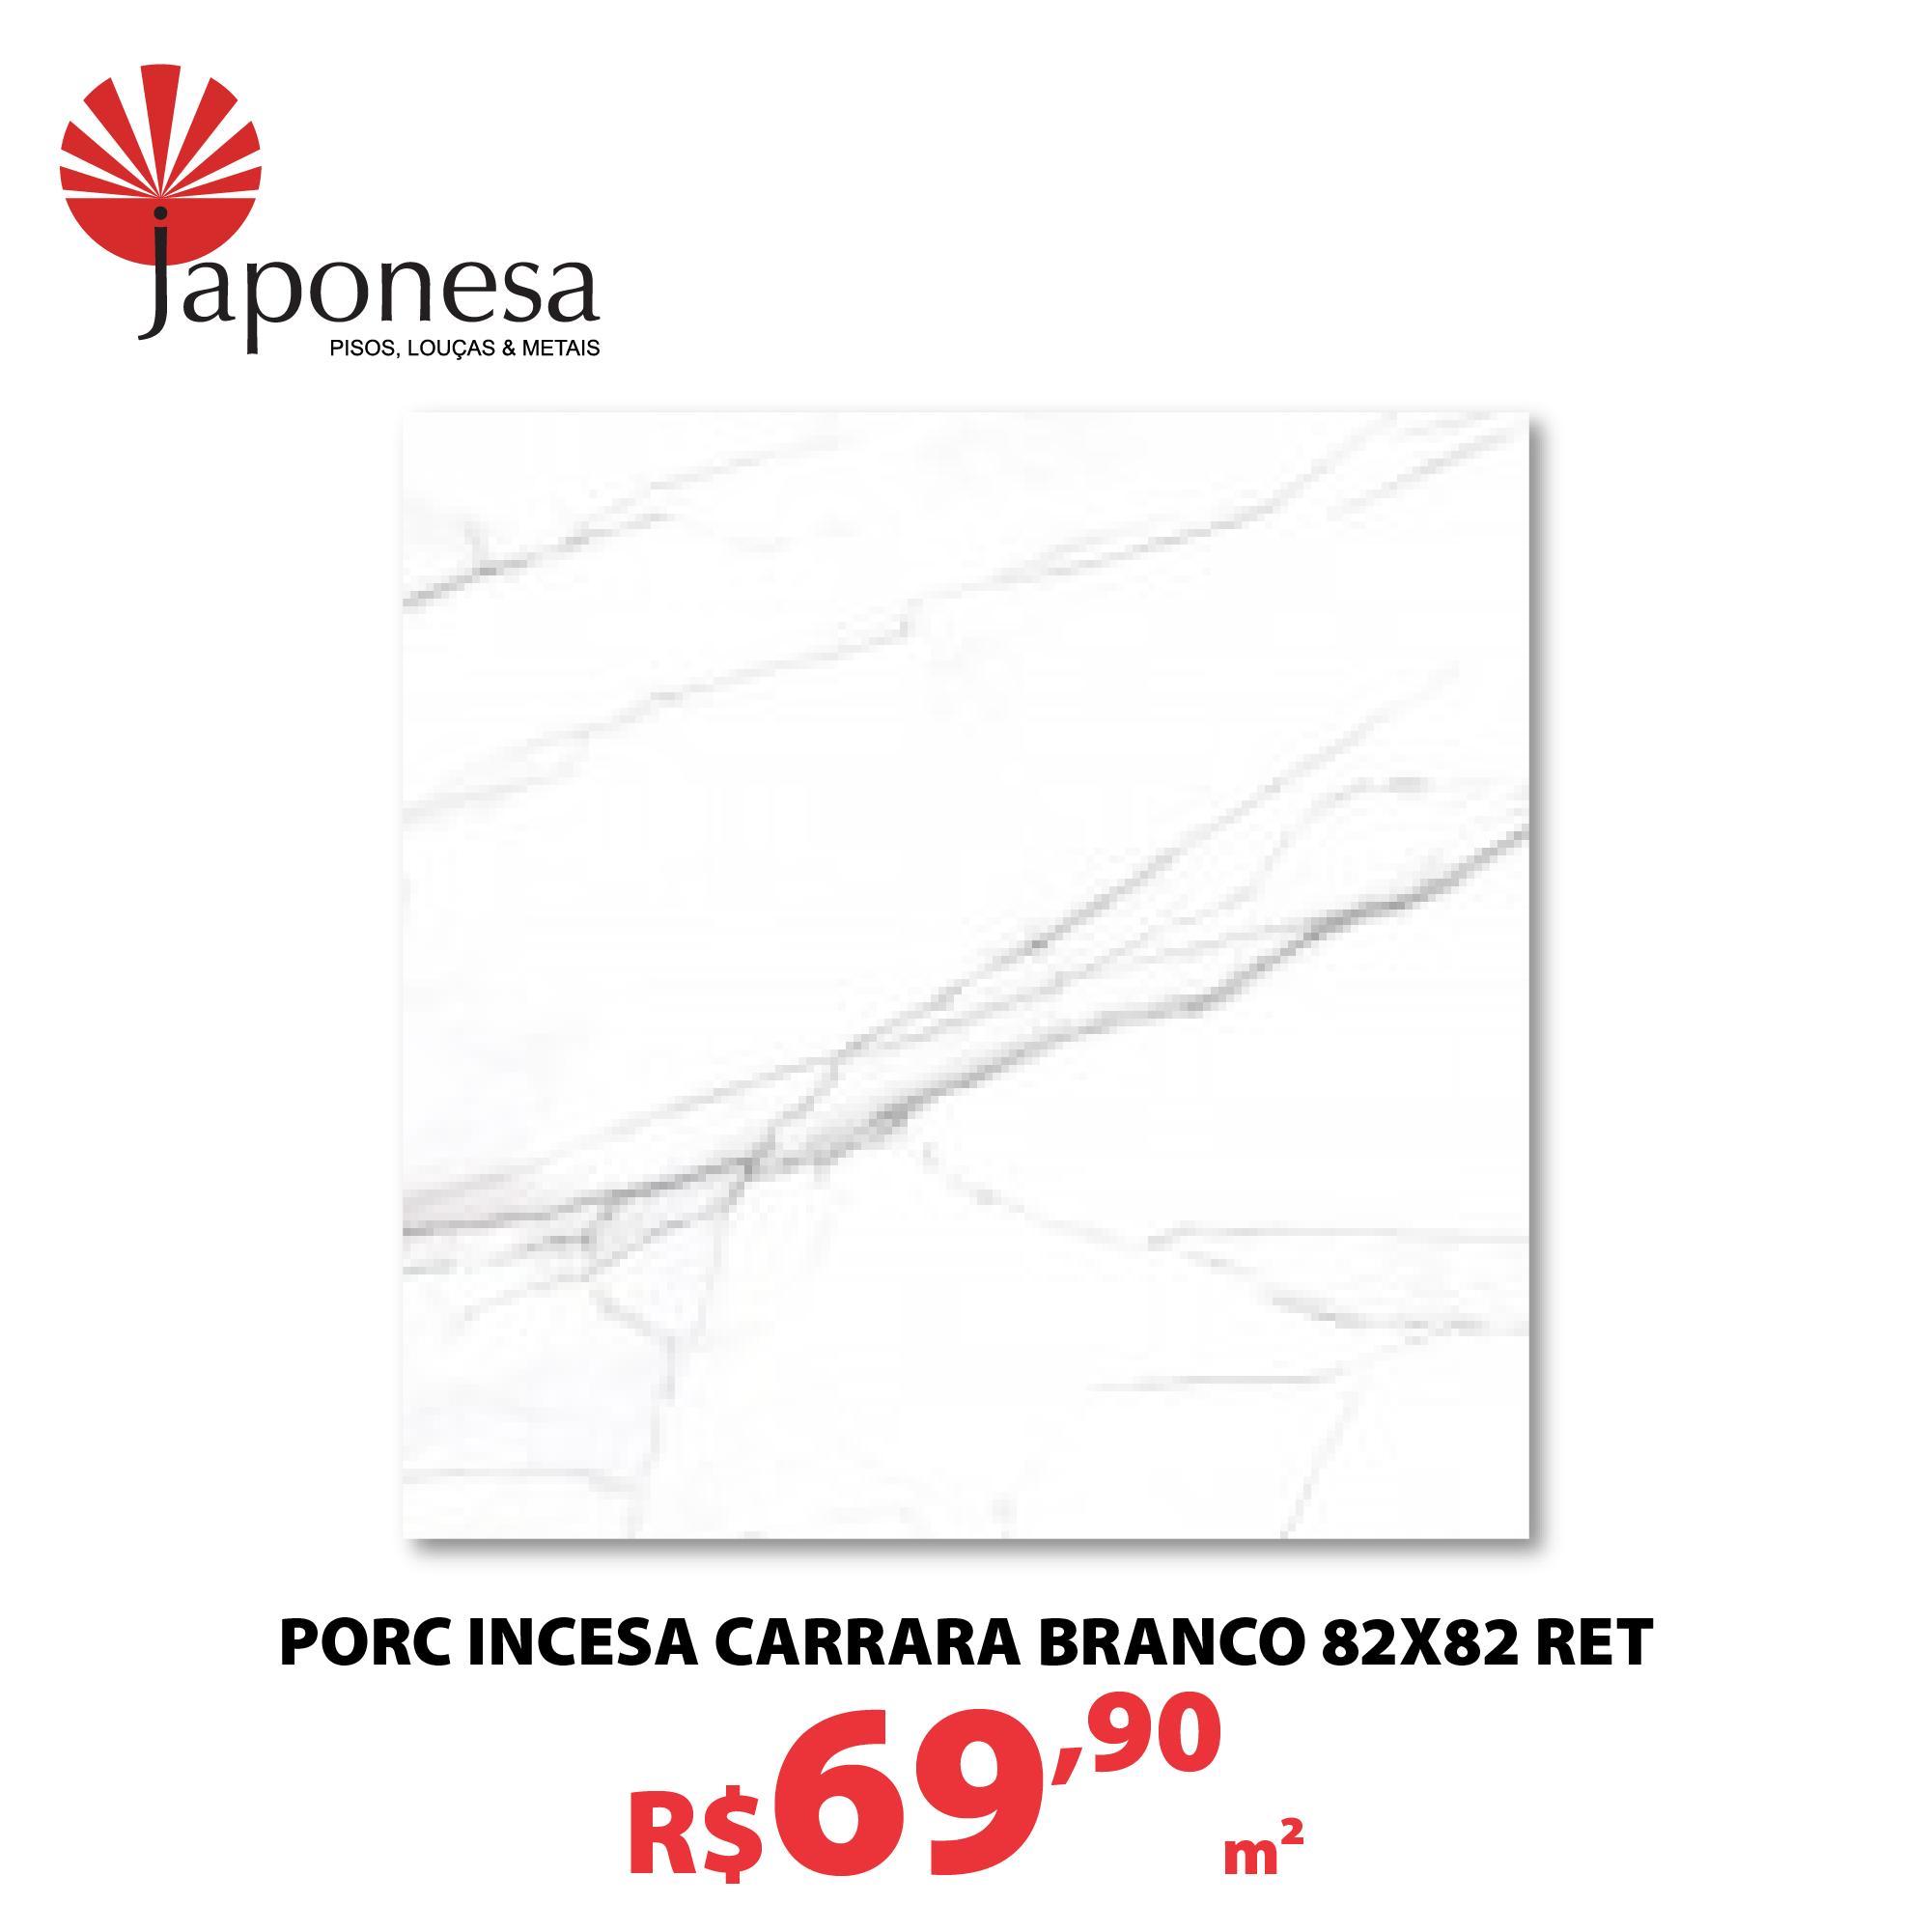 PORC INCESA CARRARA BRANCO 82X82 RET